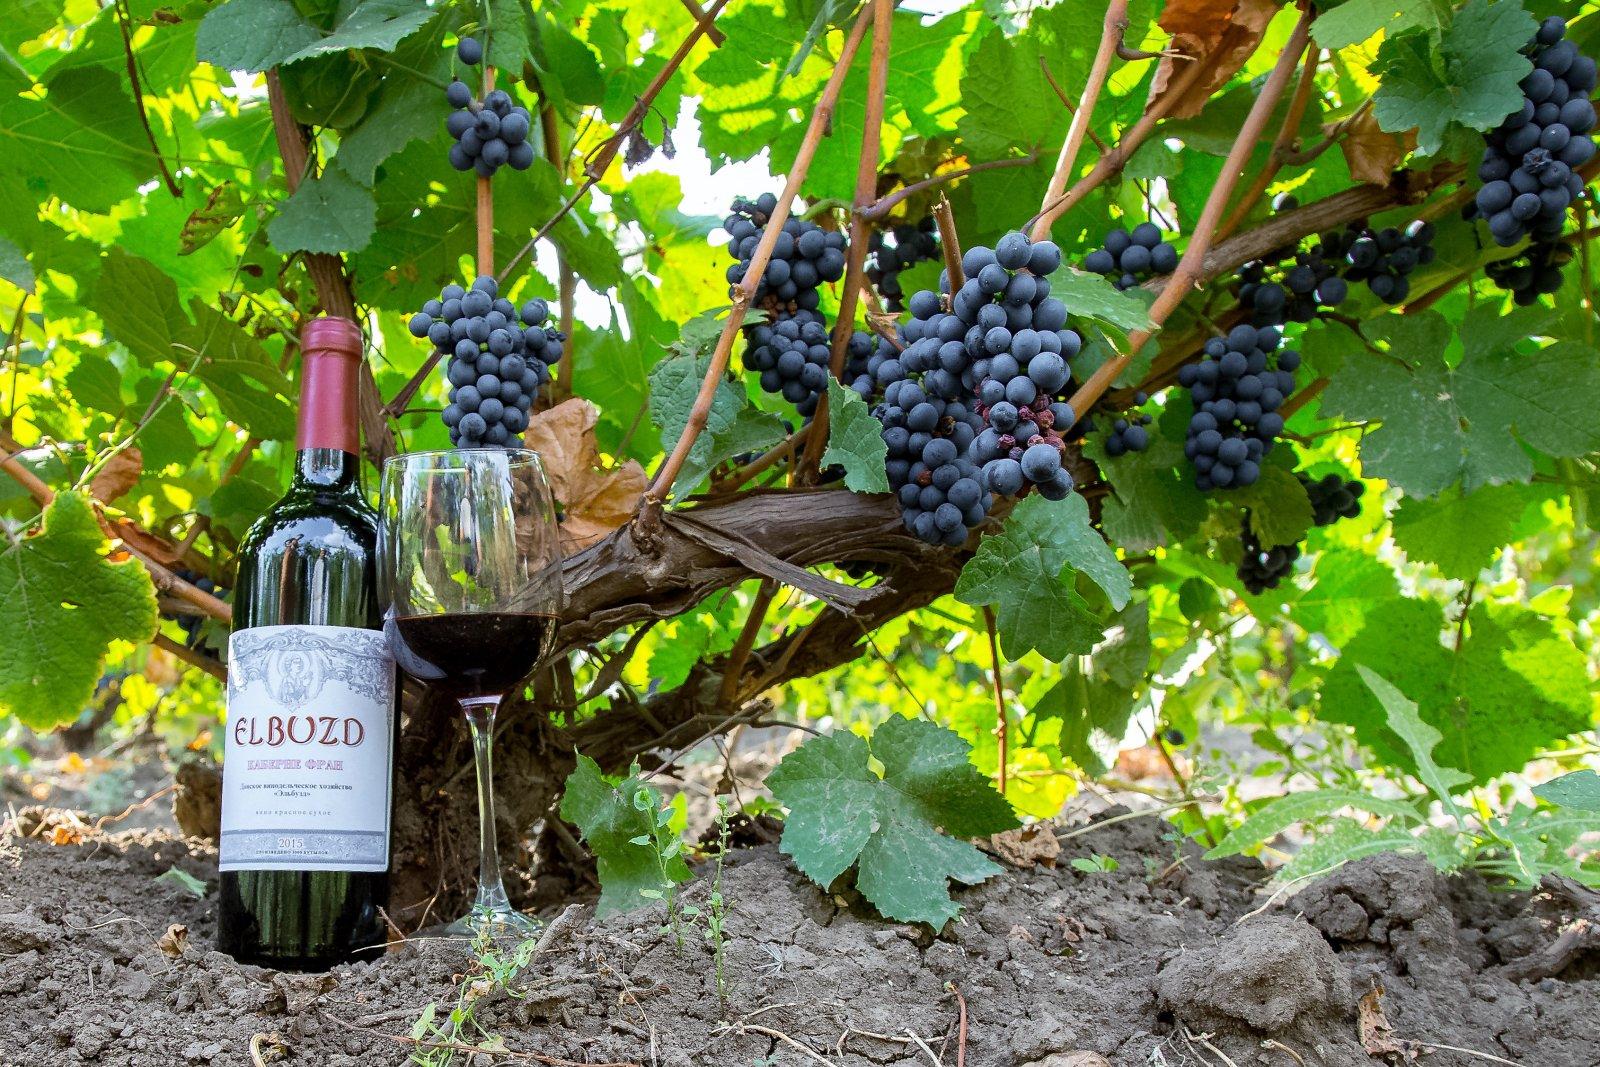 Донское винодельческое хозяйство «Эльбузд» (Ростовская область)